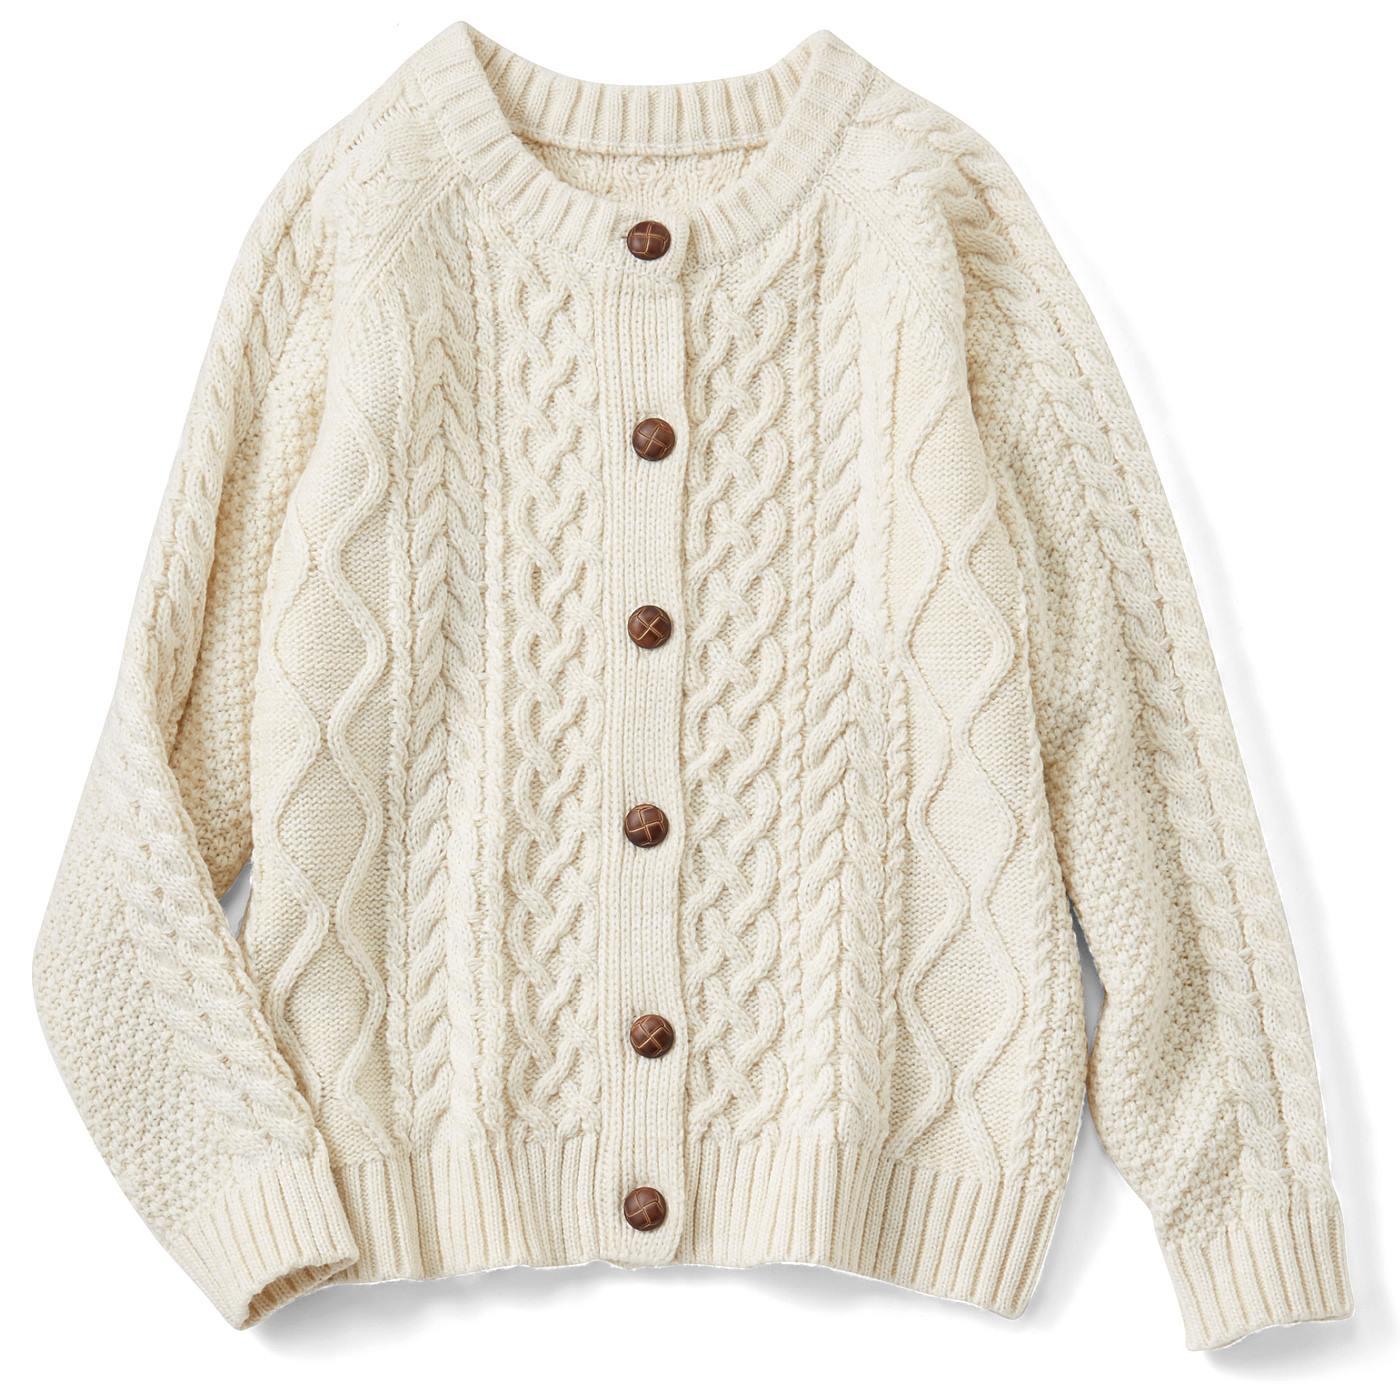 フェリシモ リブ イン コンフォート ふっくらもこもこ編み地がかわいい フィッシャーマン風ニットカーディガン〈オフホワイト〉